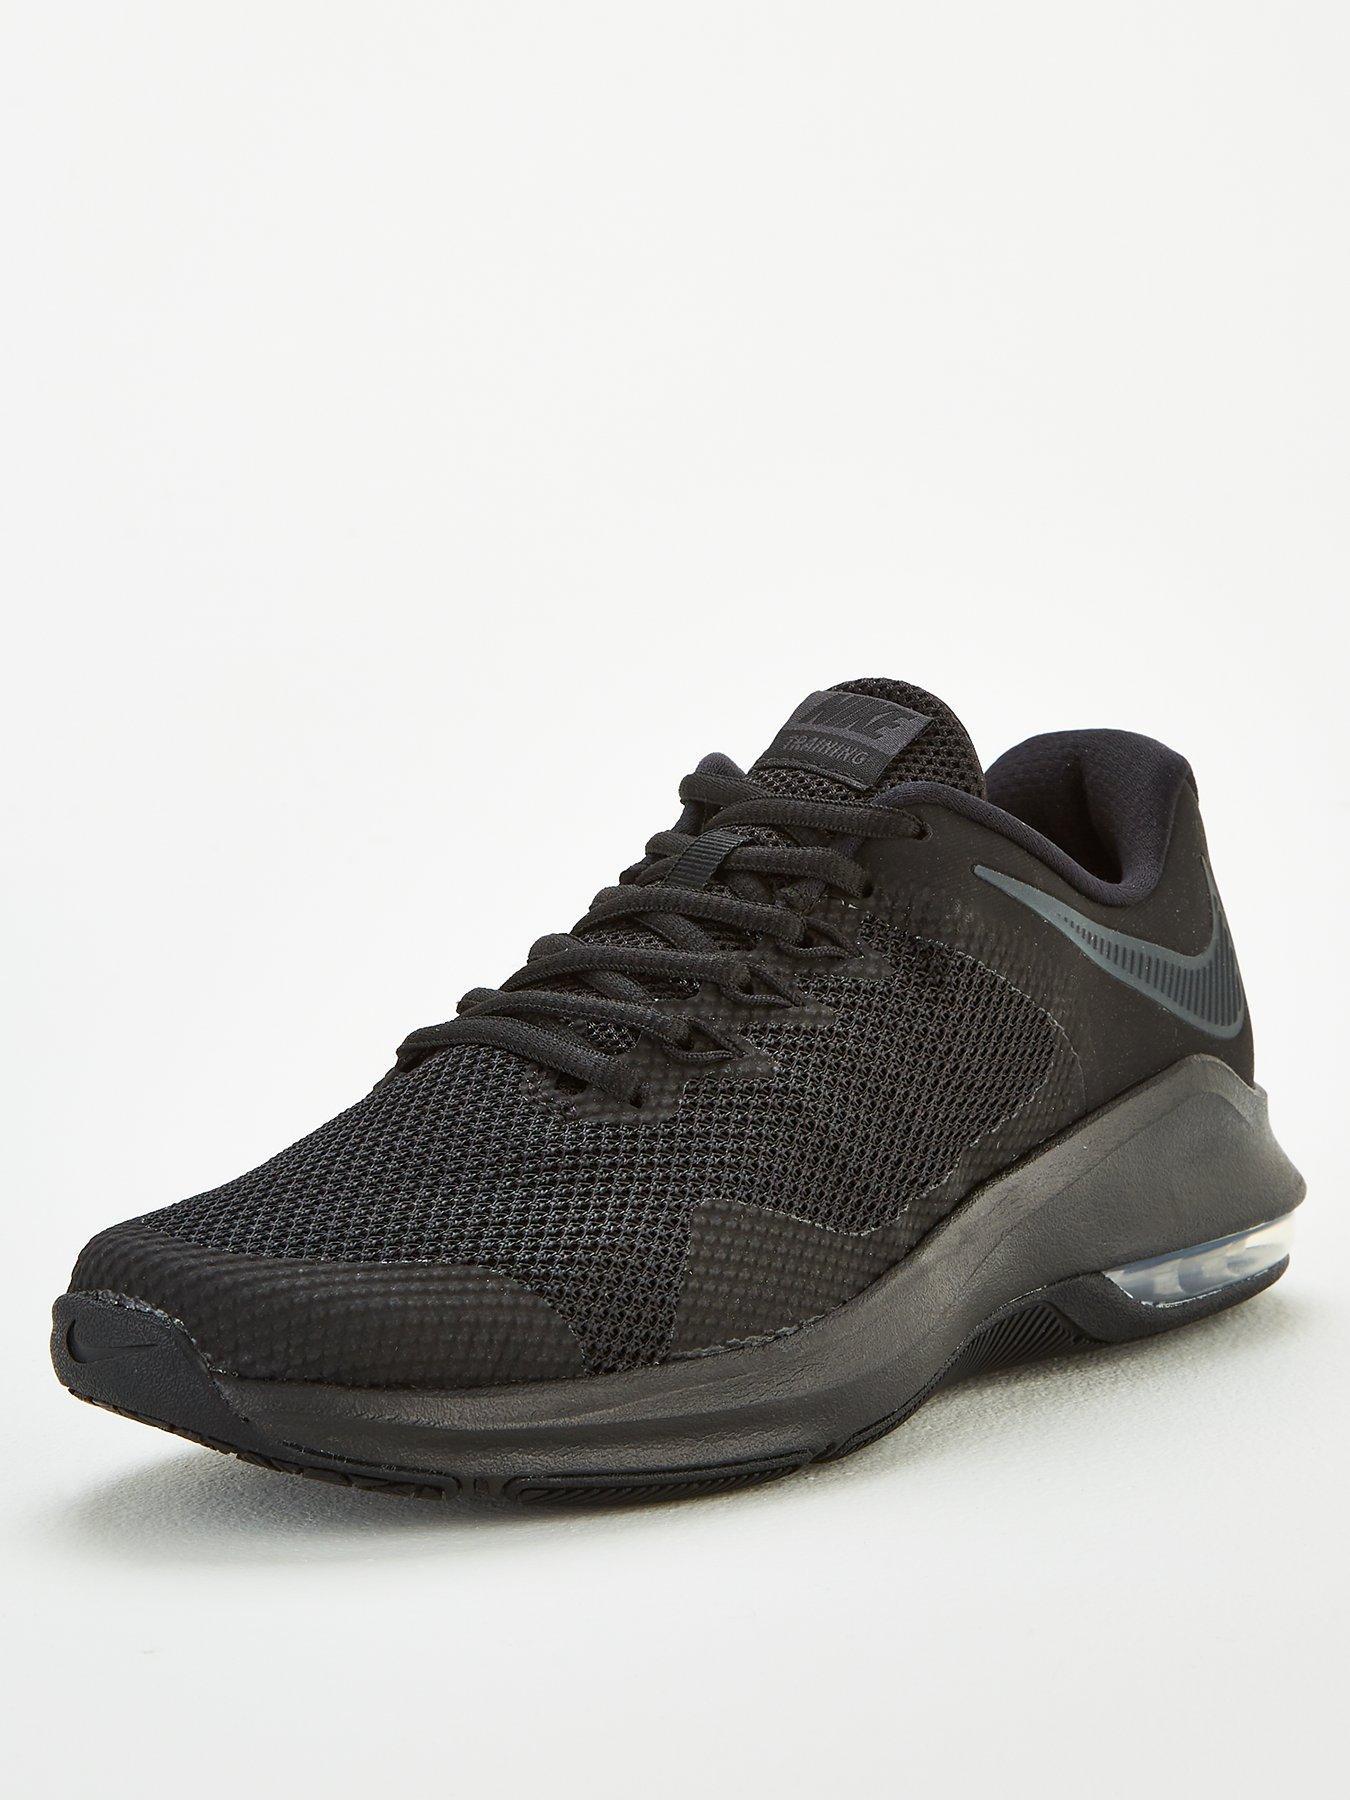 Nike | Shop Nike & Nike Air Max |